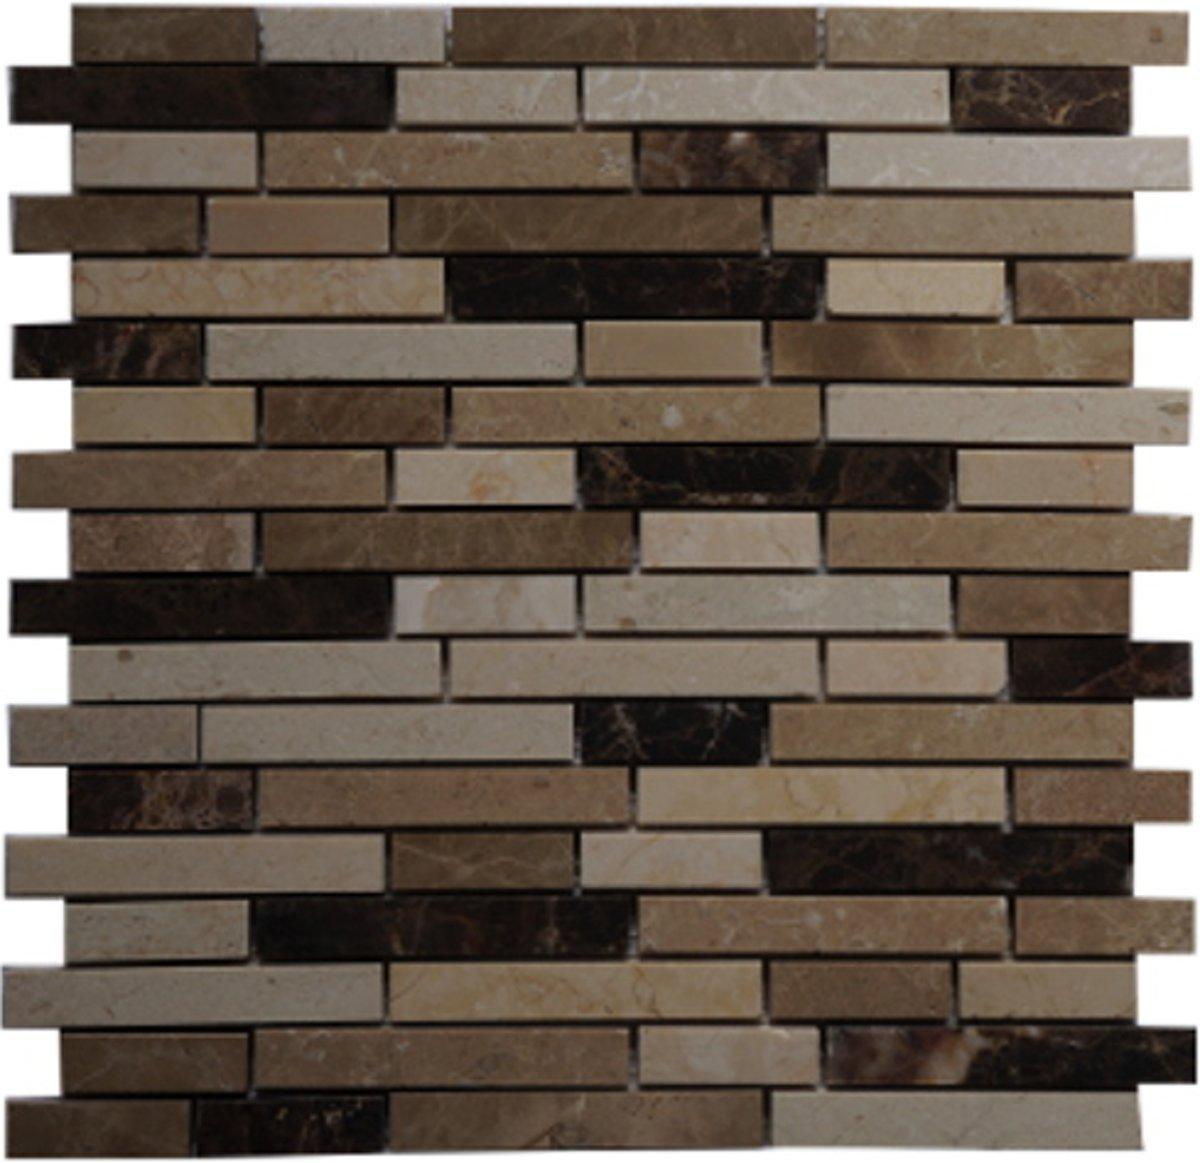 Mozaiek tegel marmer 30 x 30cm 019M kopen